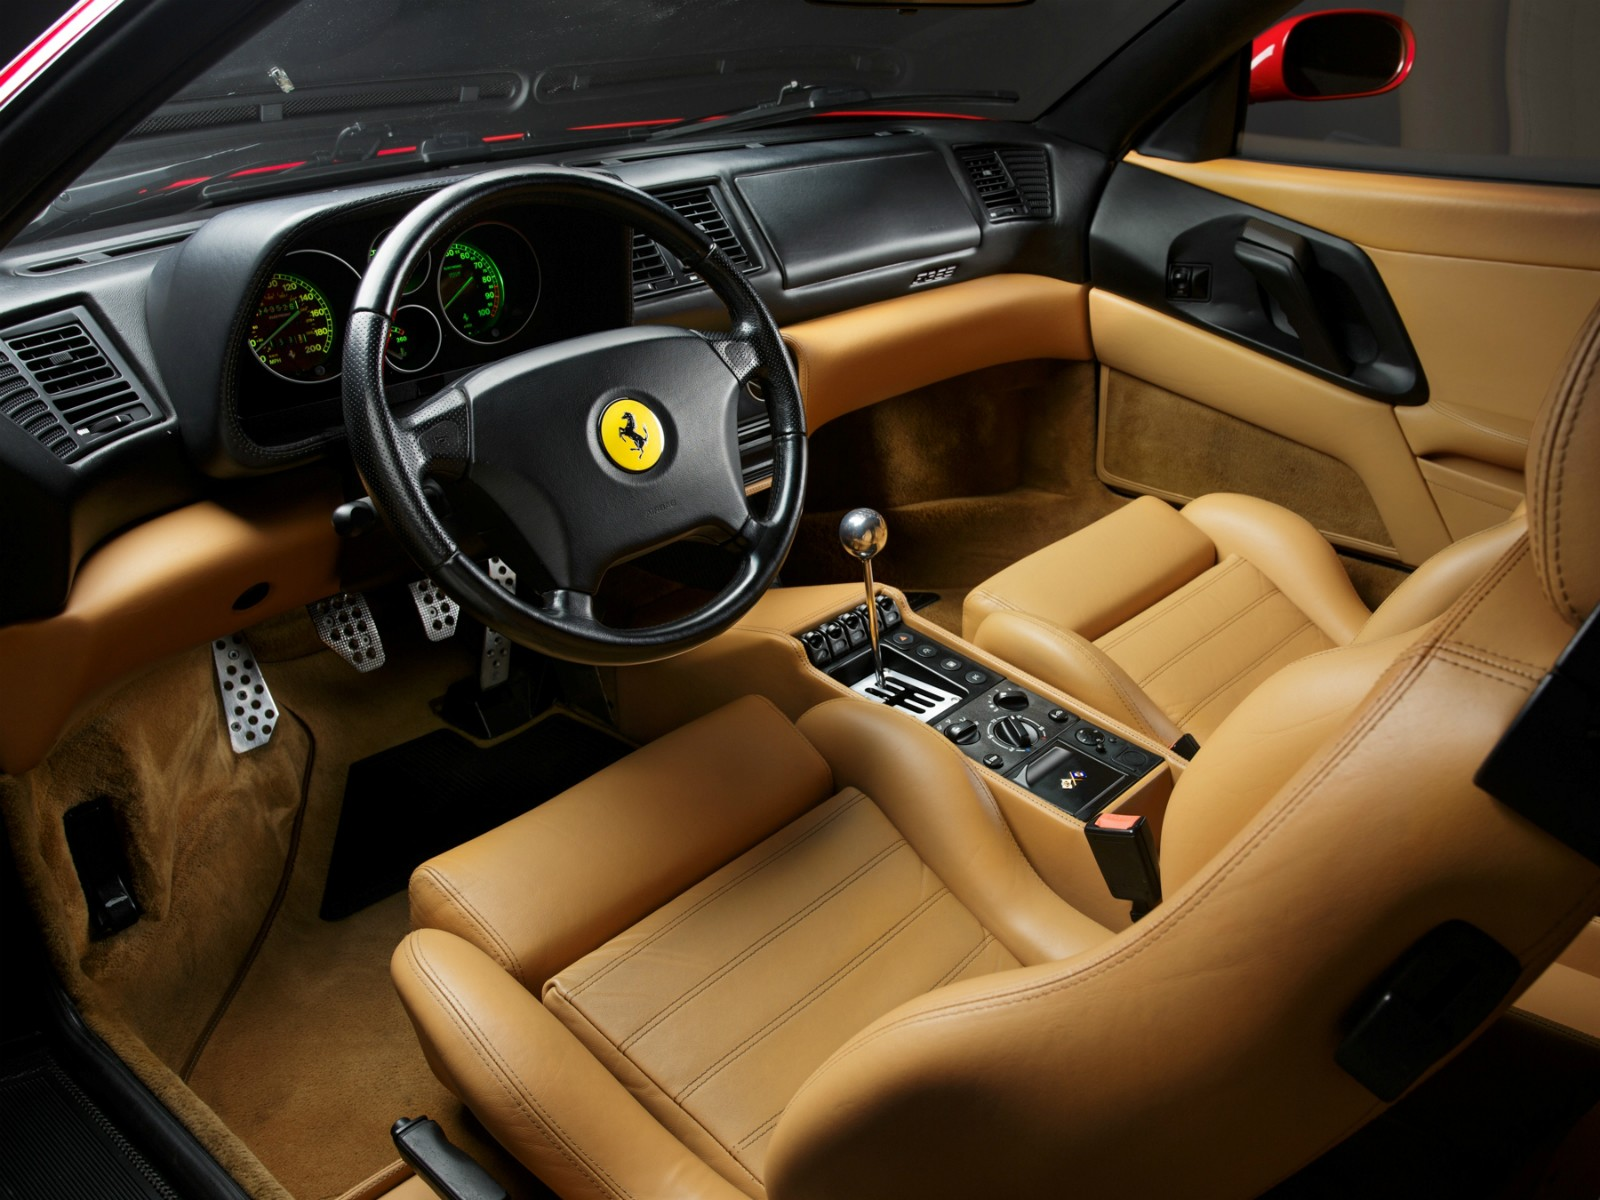 Ferrari F355 Spezifikationen Fotos 1994 1995 1996 1997 1998 1999 Autoevolution In Deutscher Sprache